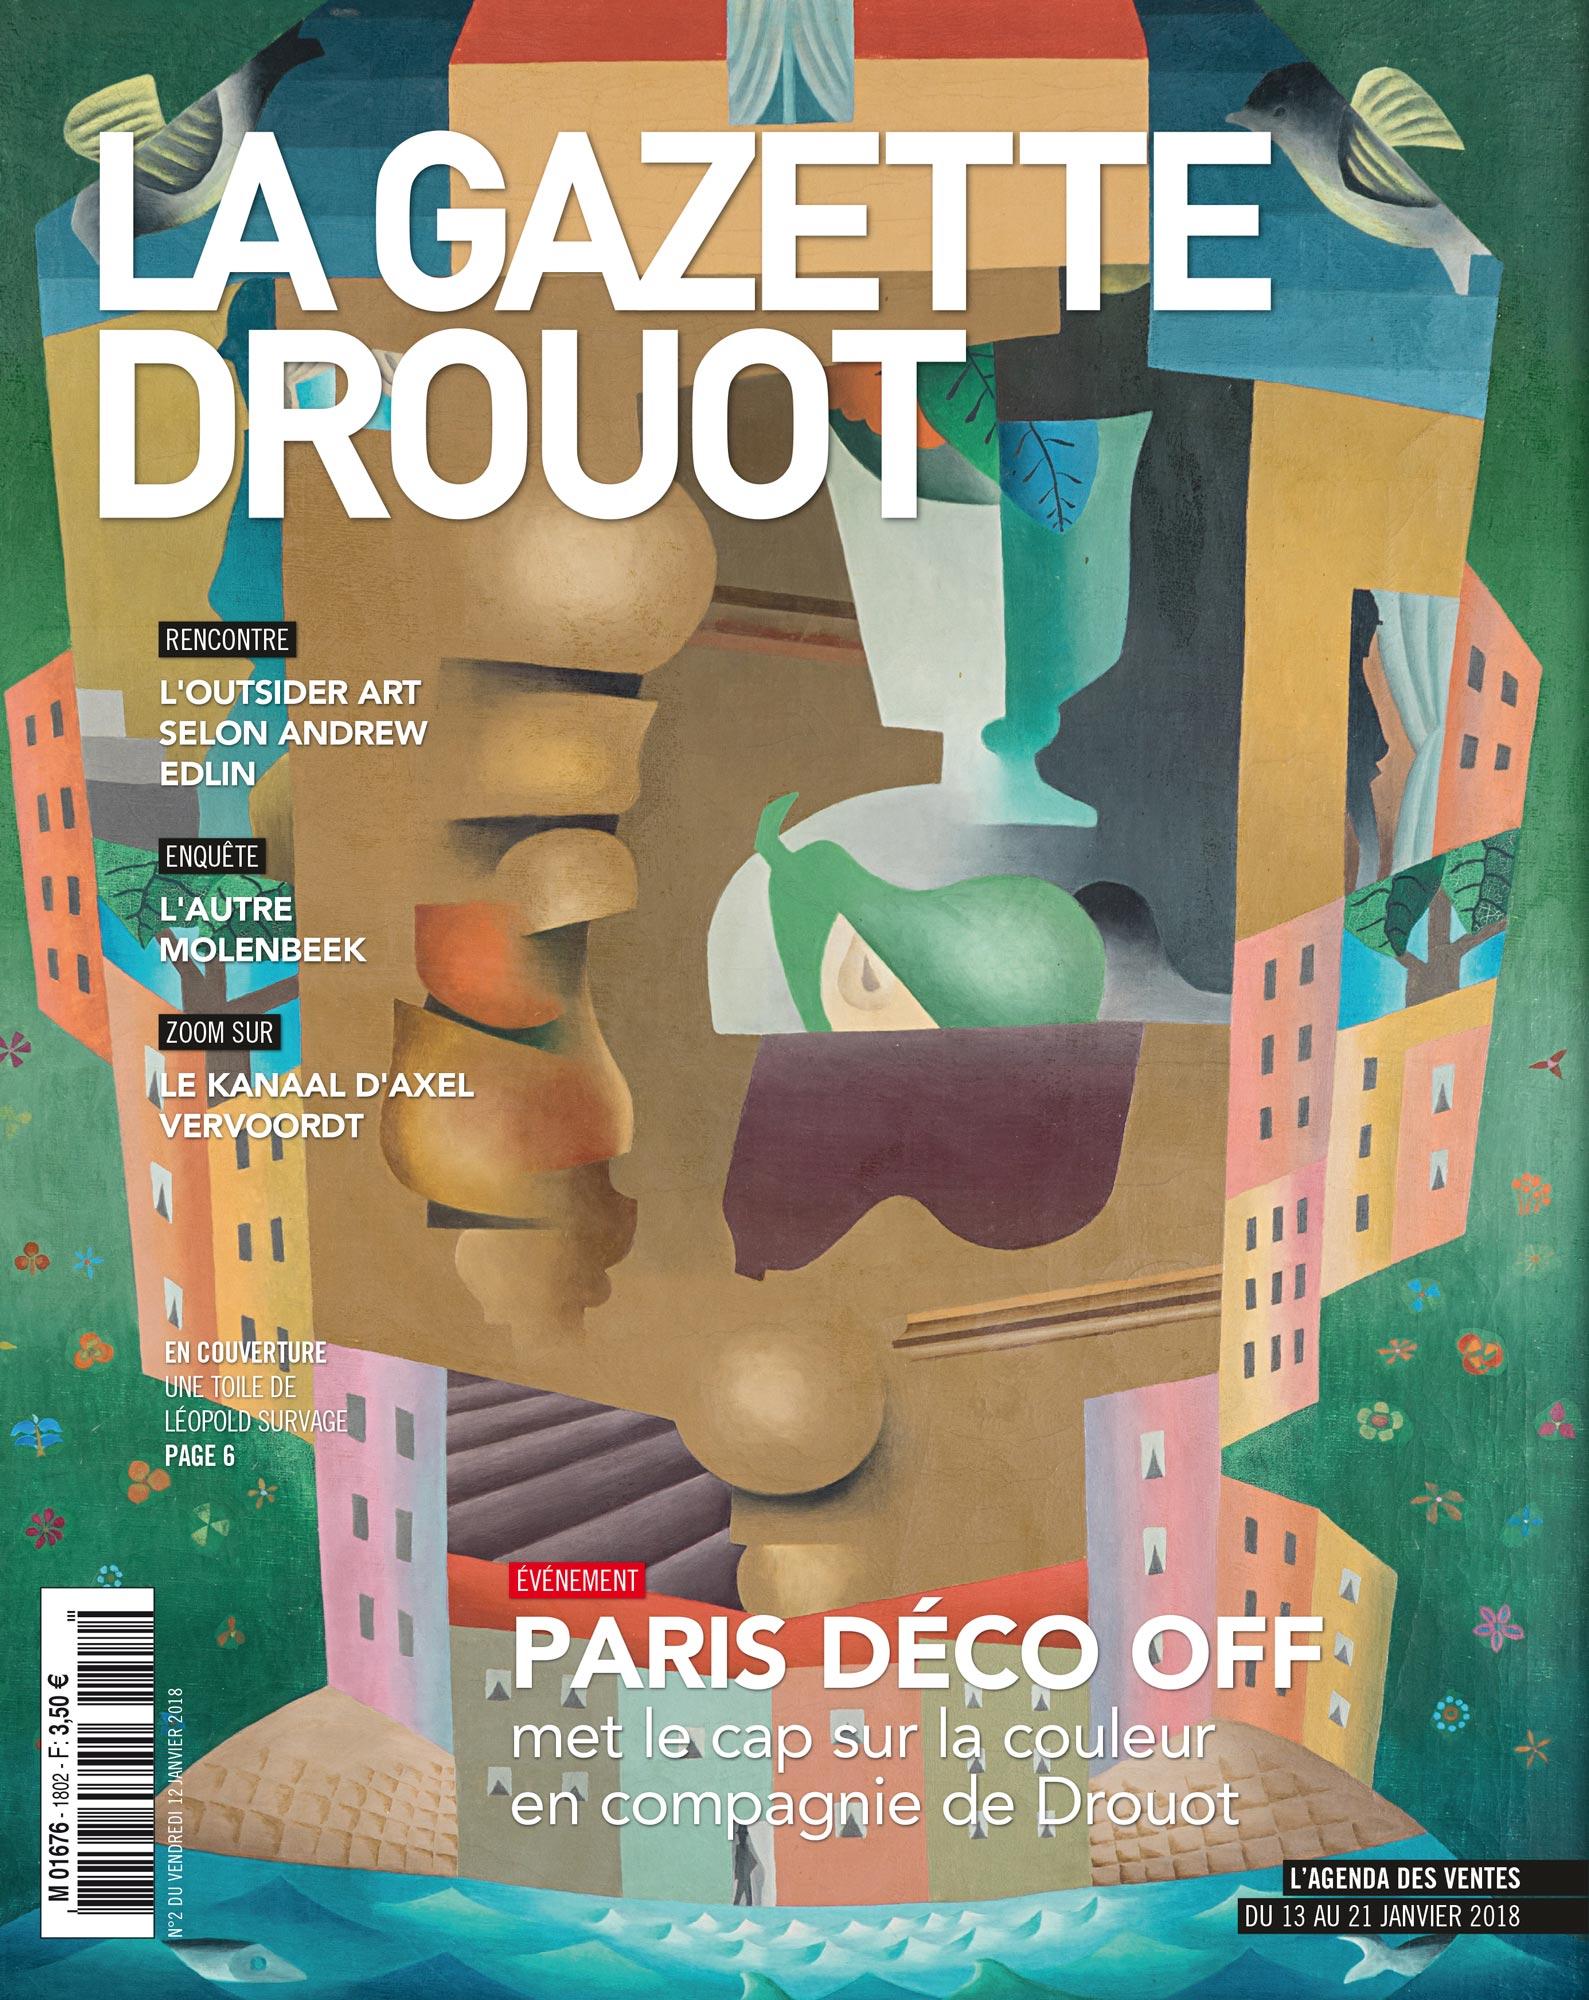 Gazette Drouot #2 du 12 JANVIER 2018